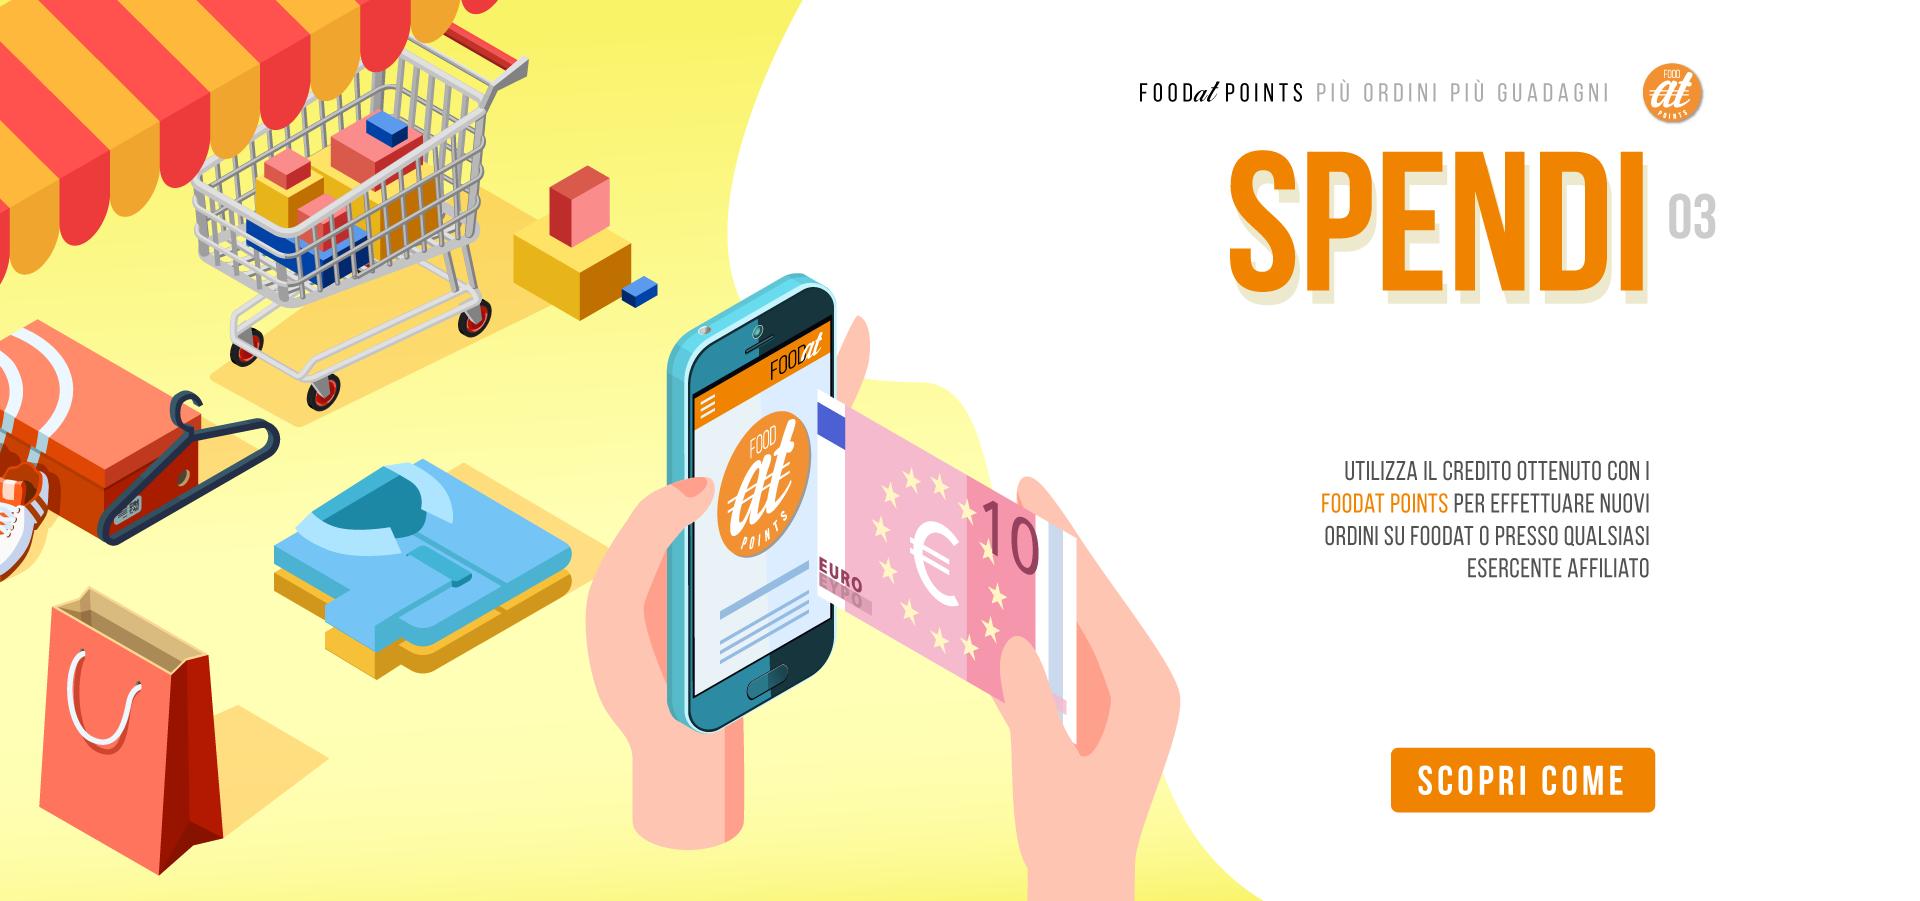 03 SPENDI – foodat points